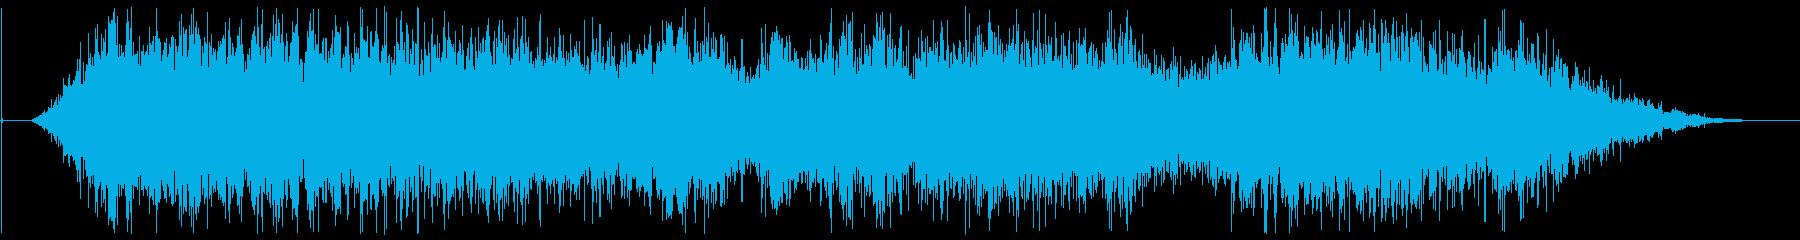 矢印の再生済みの波形